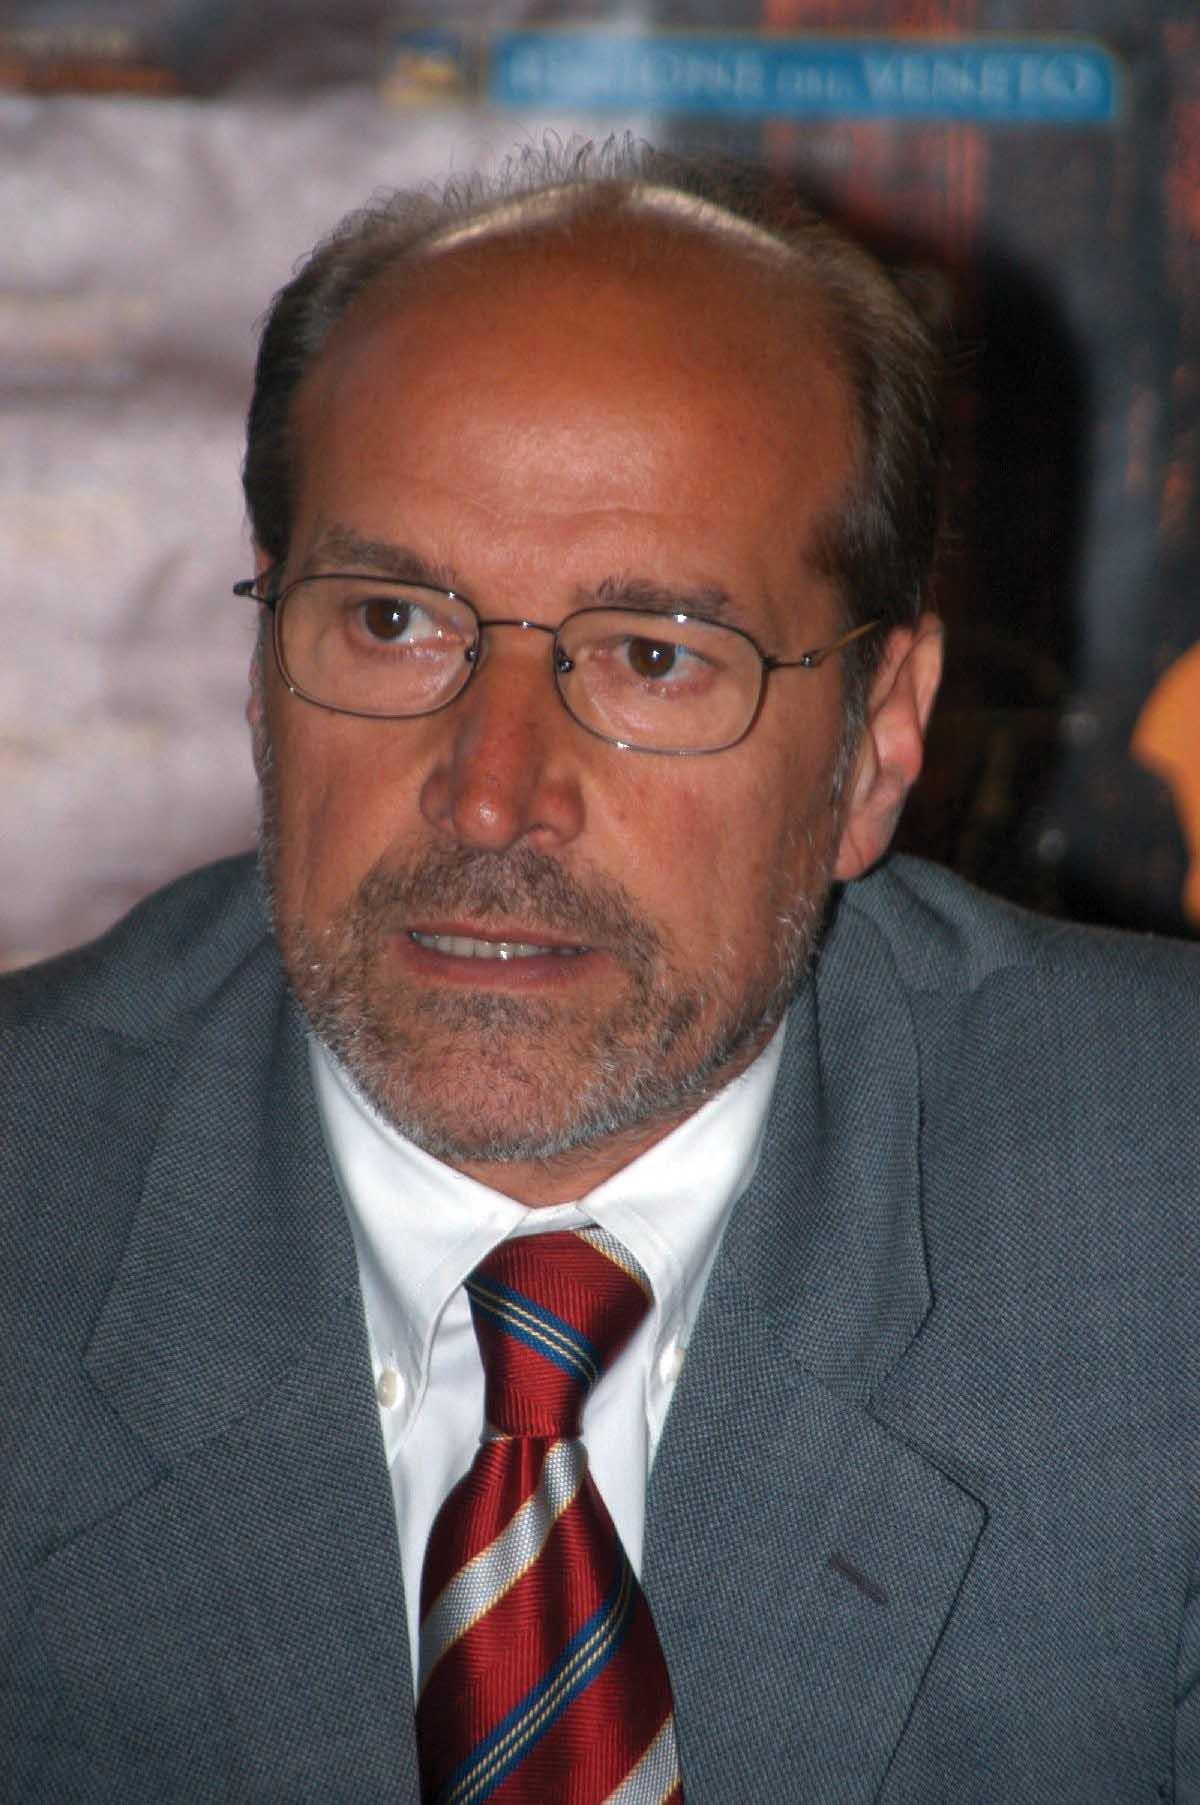 Sergio-Reolon-consiglio-regionale-veneto-bellunese-pd-ilnordest